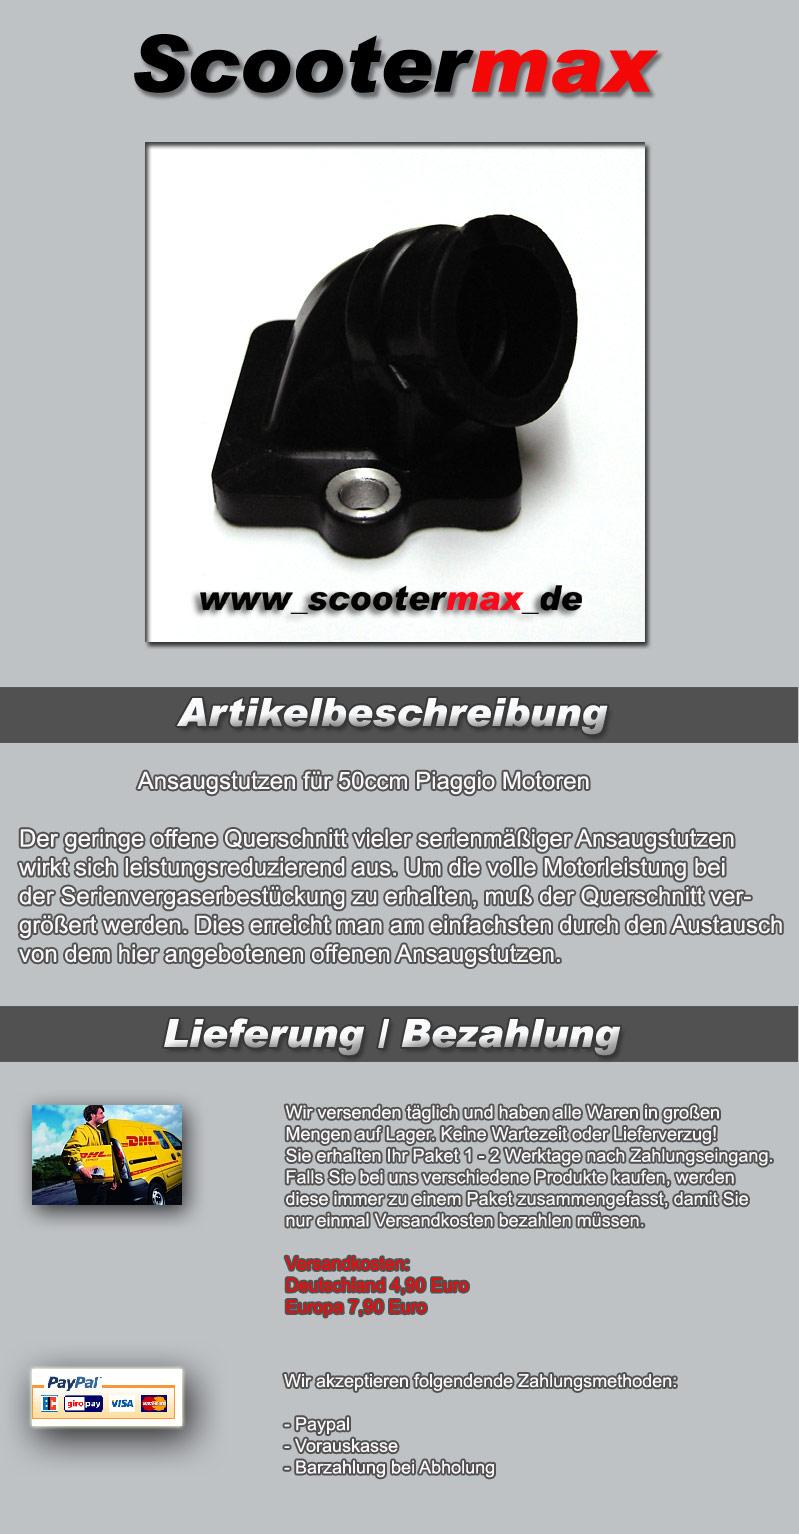 SKODA haldex herramienta de servicio de filtro de 46 mm A466 SEAT VW Audi